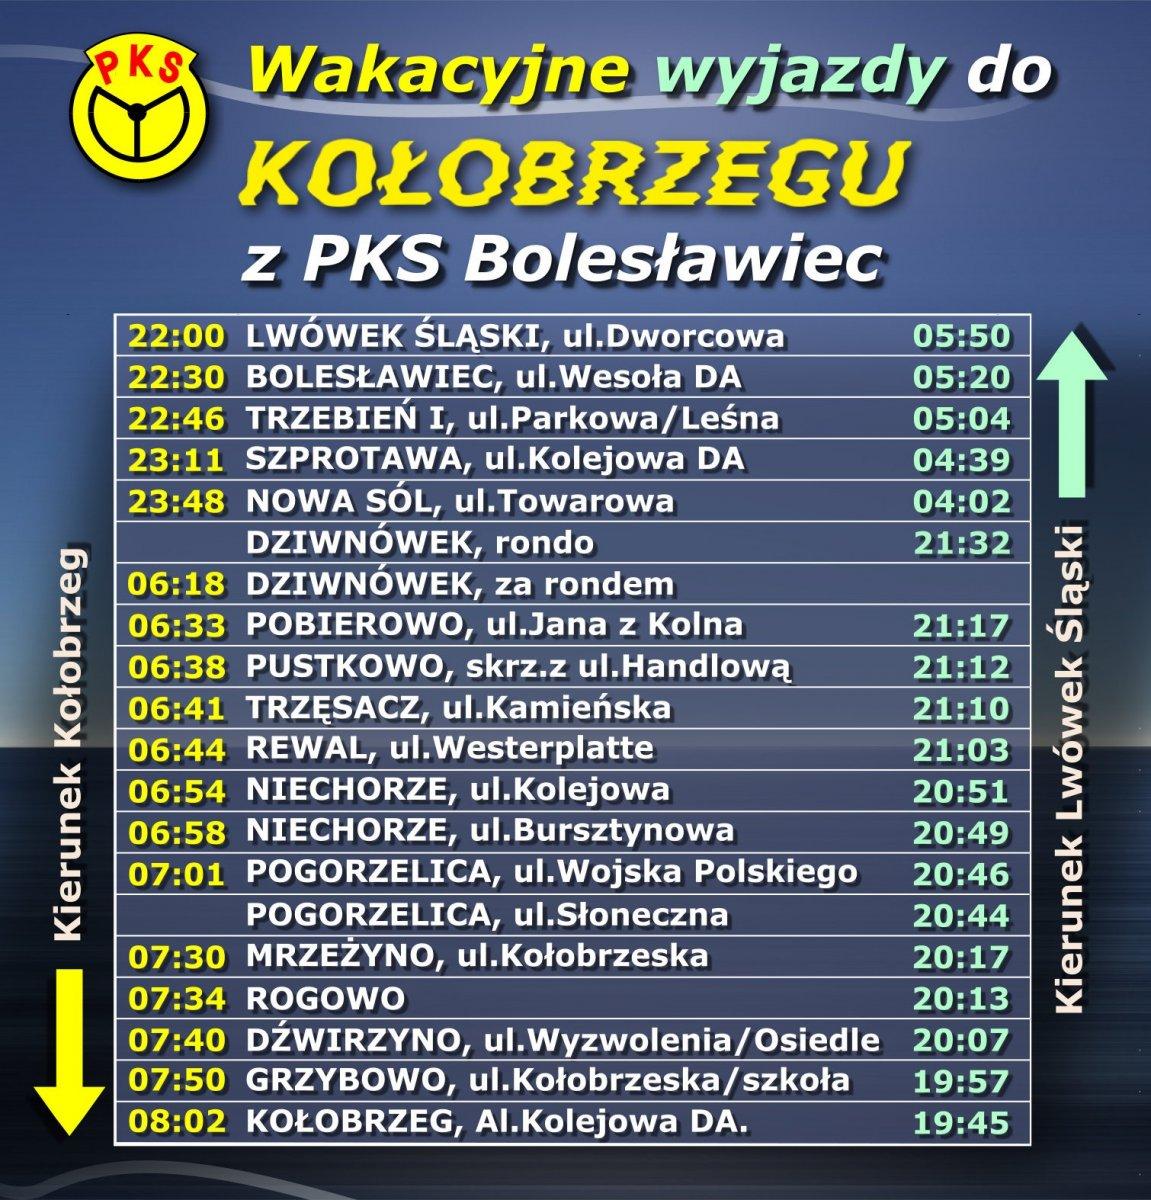 Rozkład jazdy Kolobrzeg PKS Bolesławiec